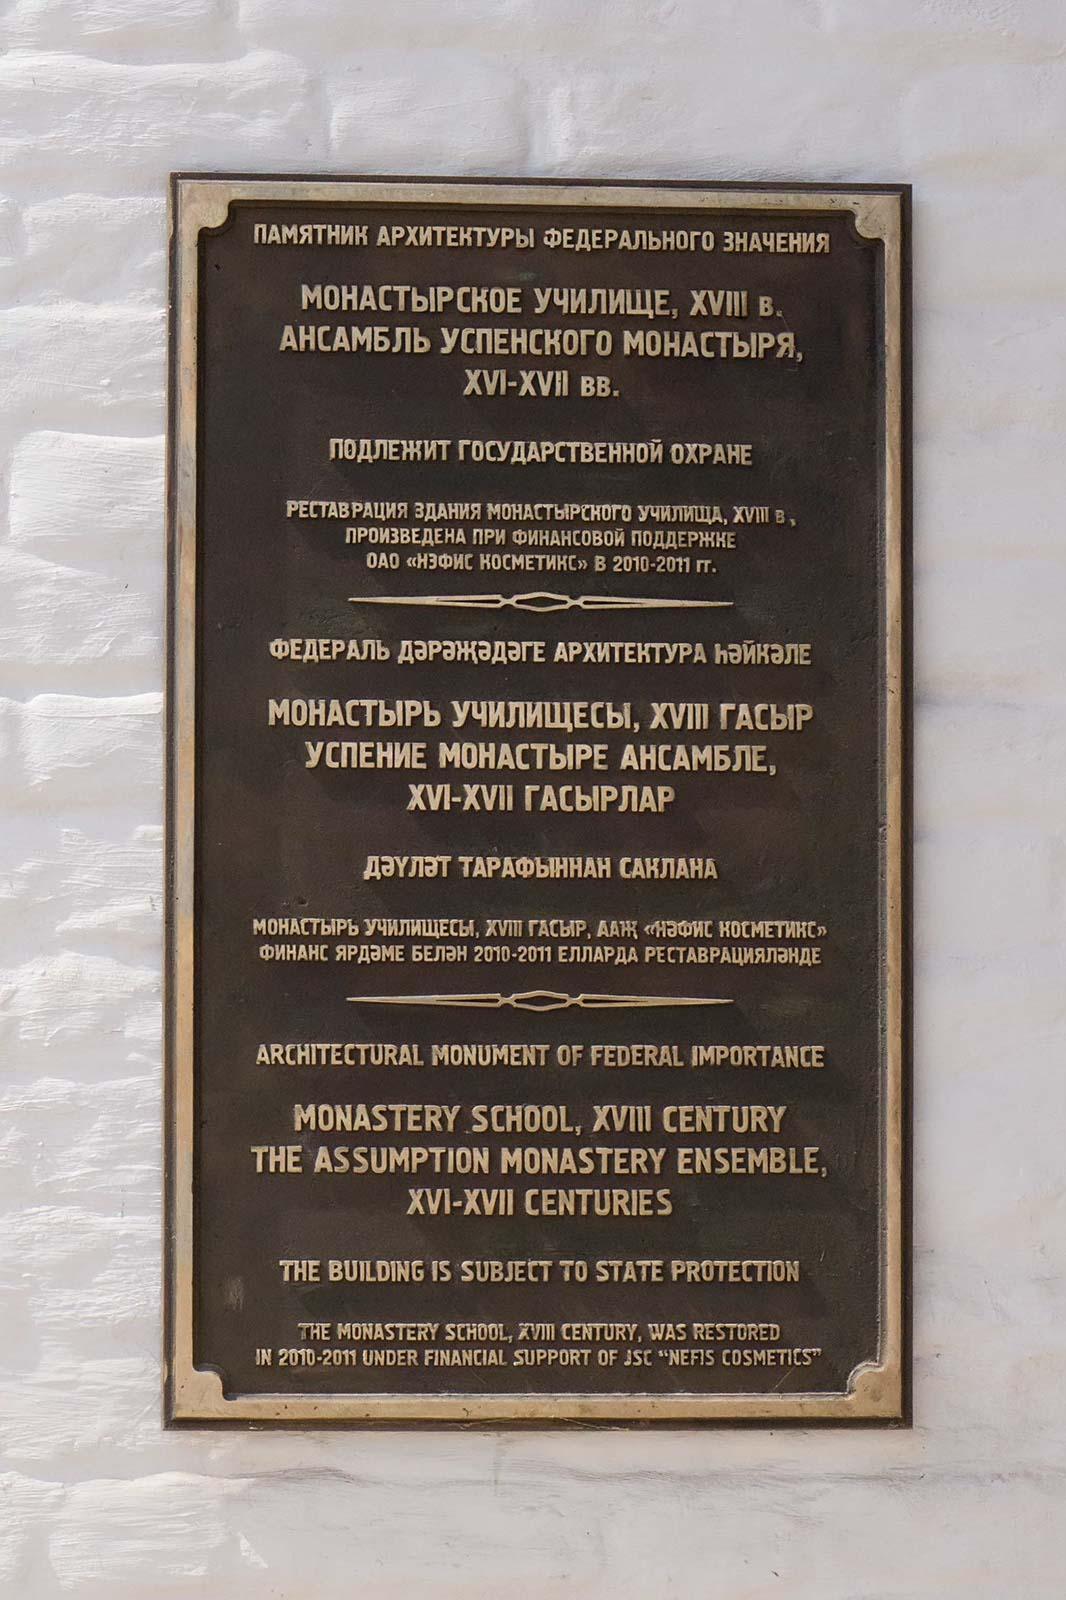 Фото №104658. Информационная табличка на стене быв. монастырского училища